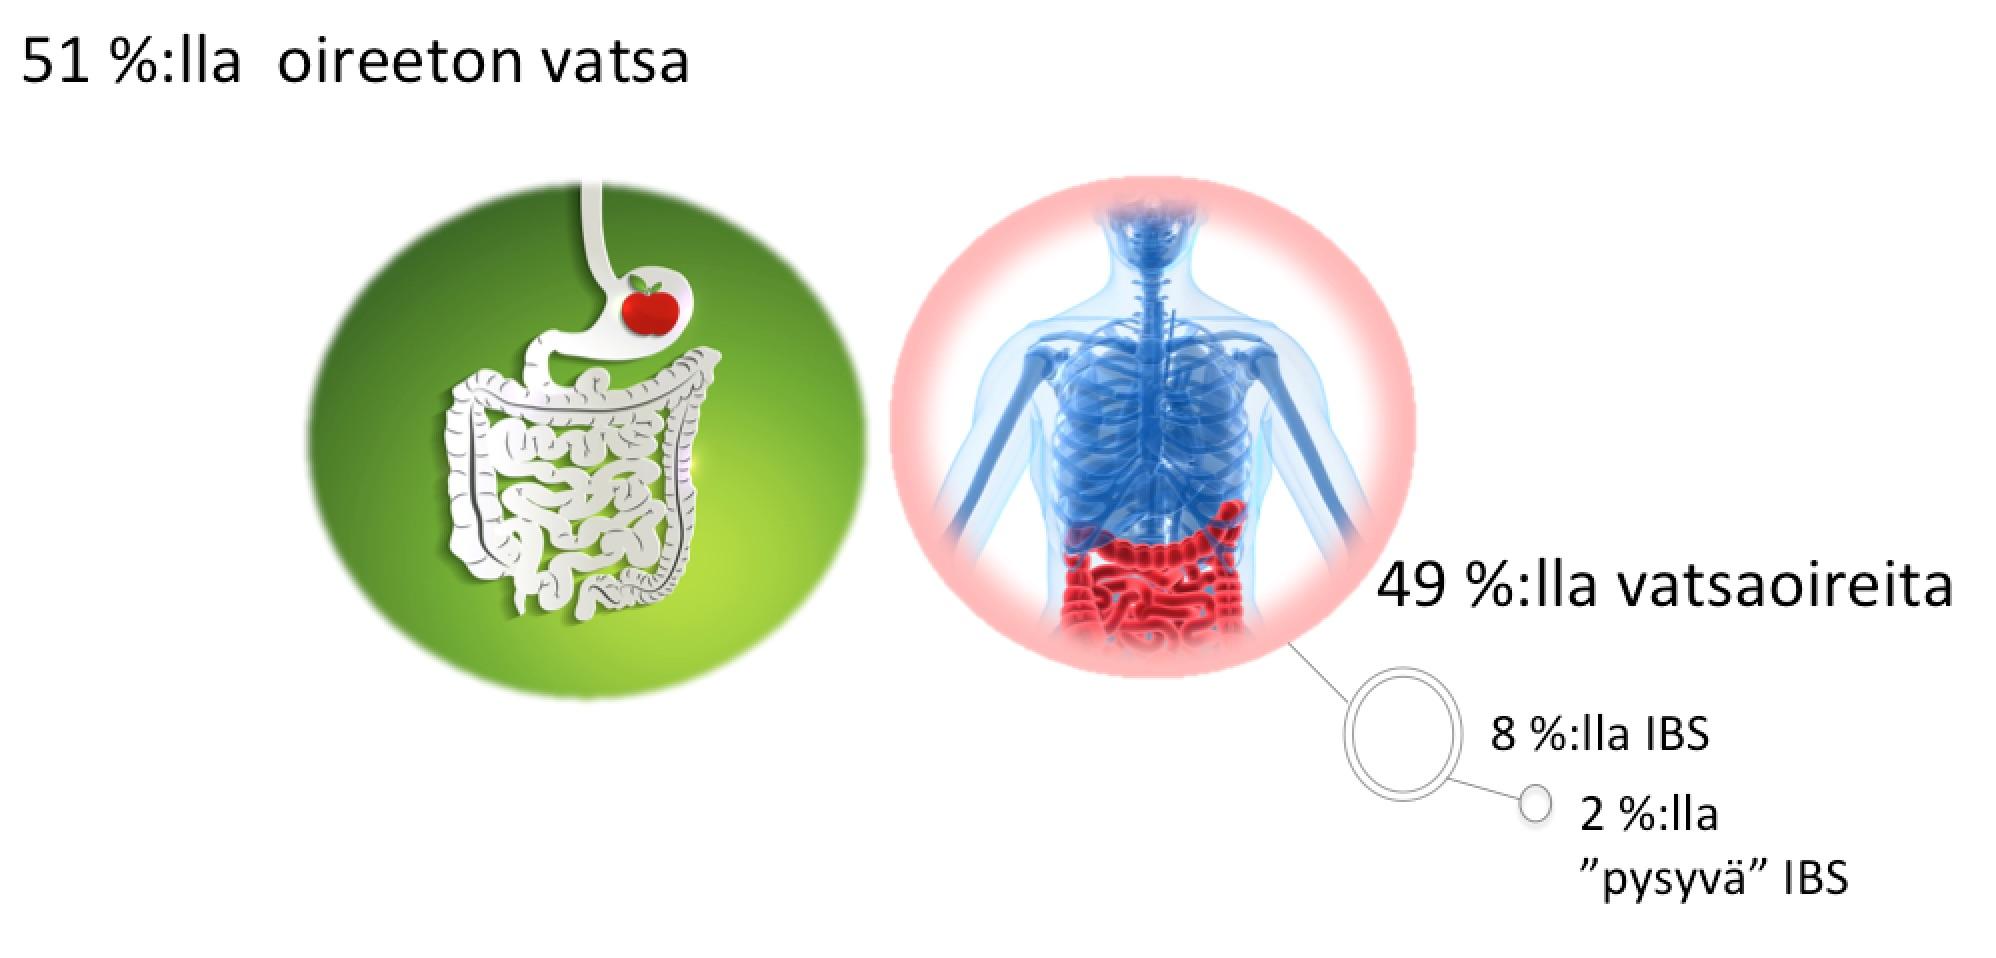 puolella vatsaoireita